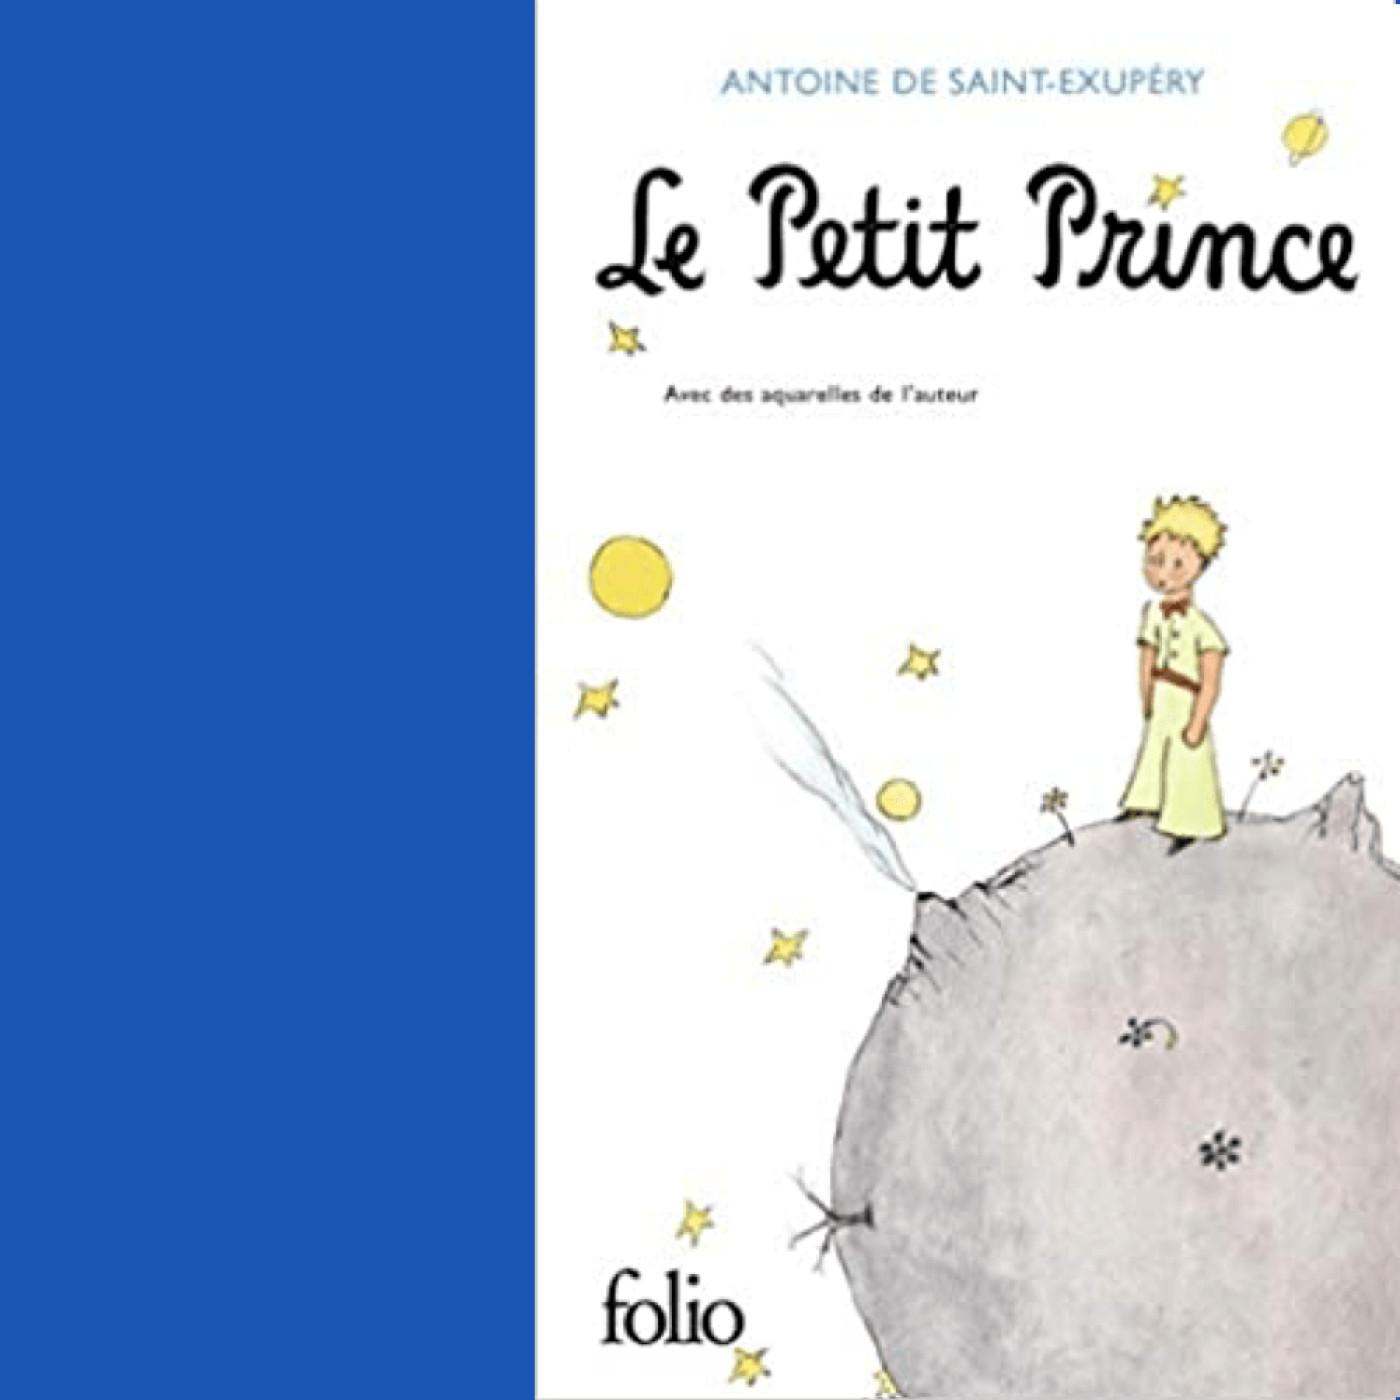 Le Petit Prince ( extrait du livre de Antoine de Saint-Exupéry )